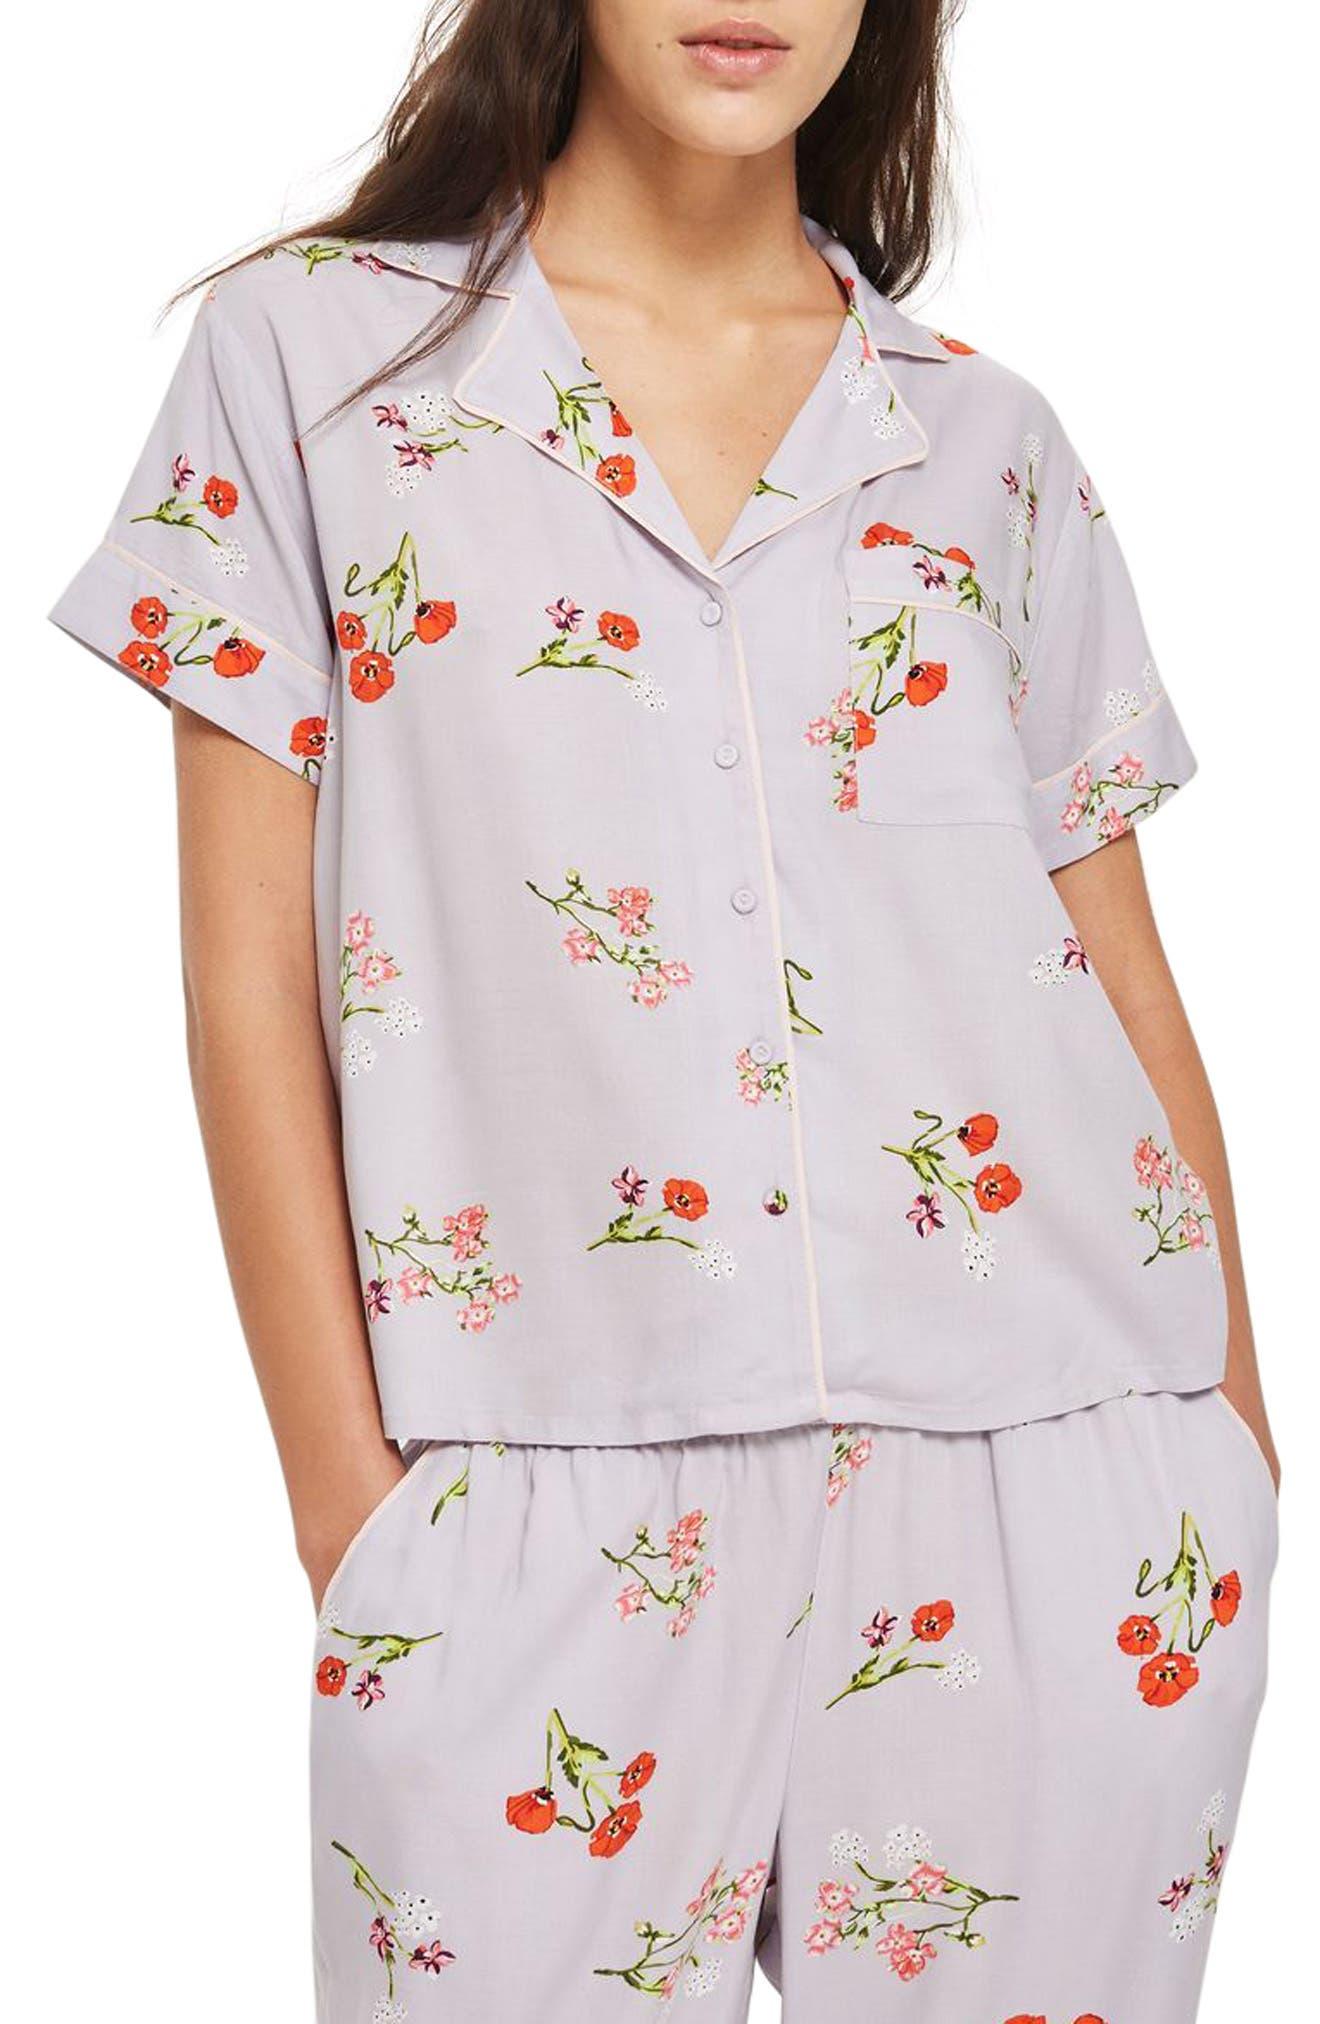 Poppy Pajama Shirt,                             Main thumbnail 1, color,                             Light Blue Multi